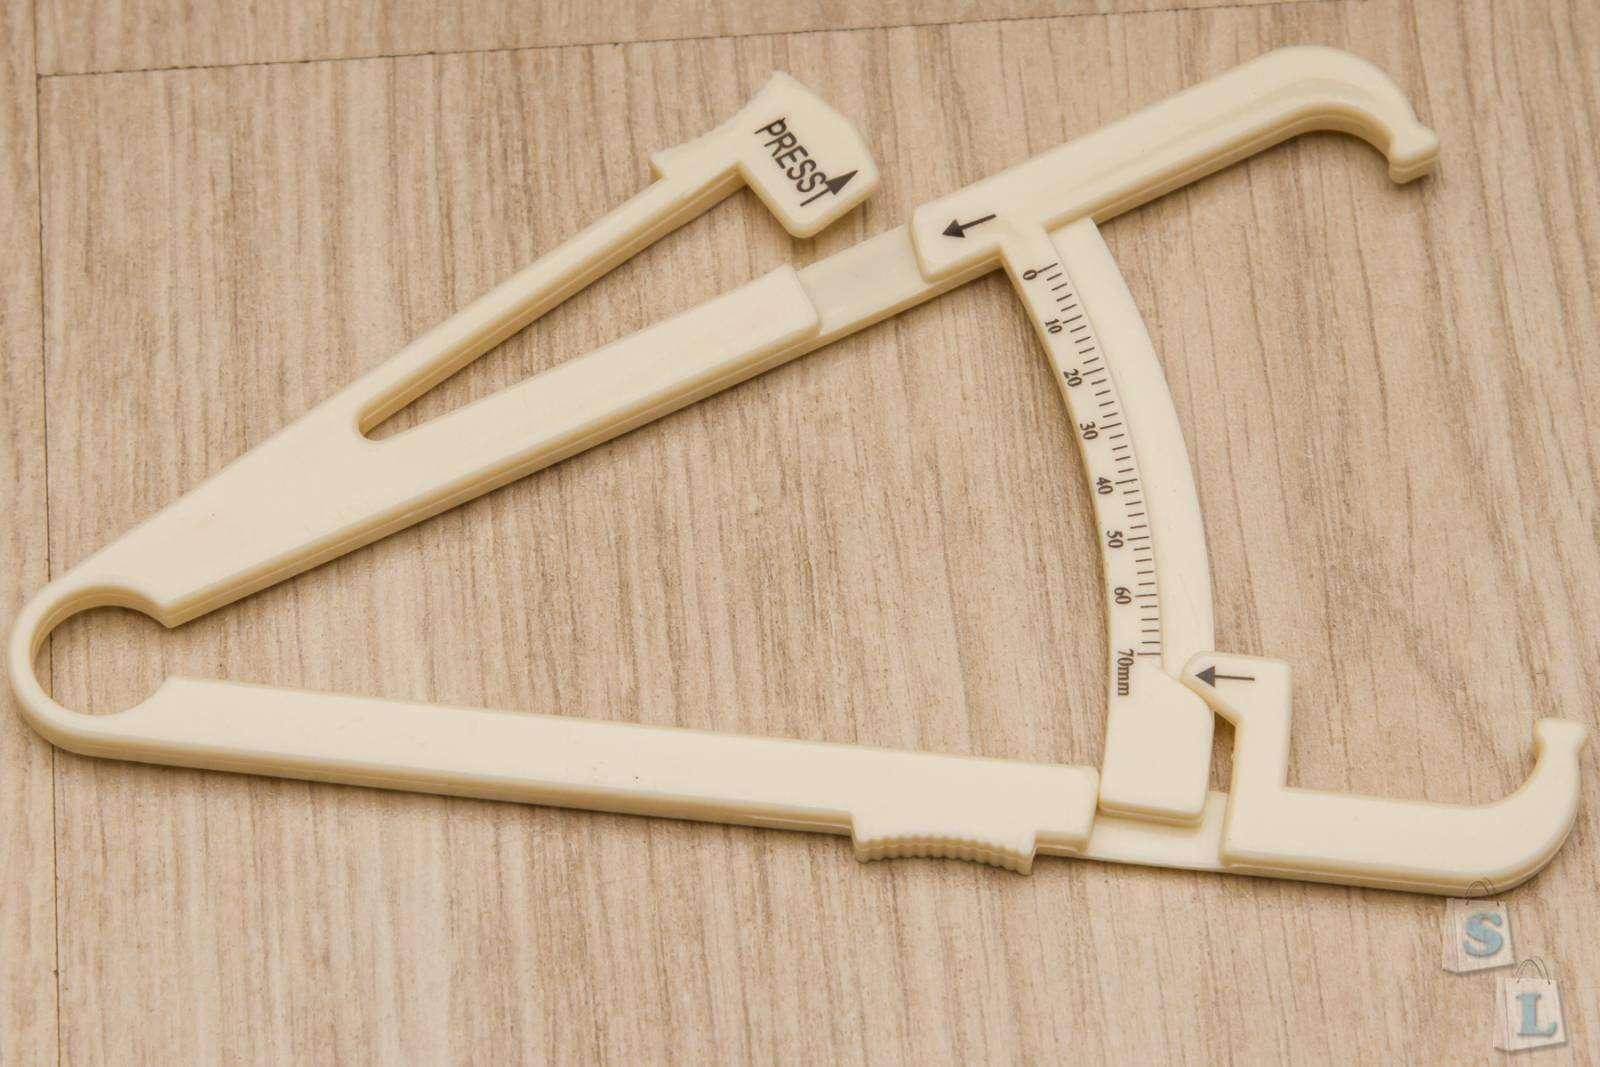 Banggood: Калипер - устройство для измерения содержания жира в огранизме